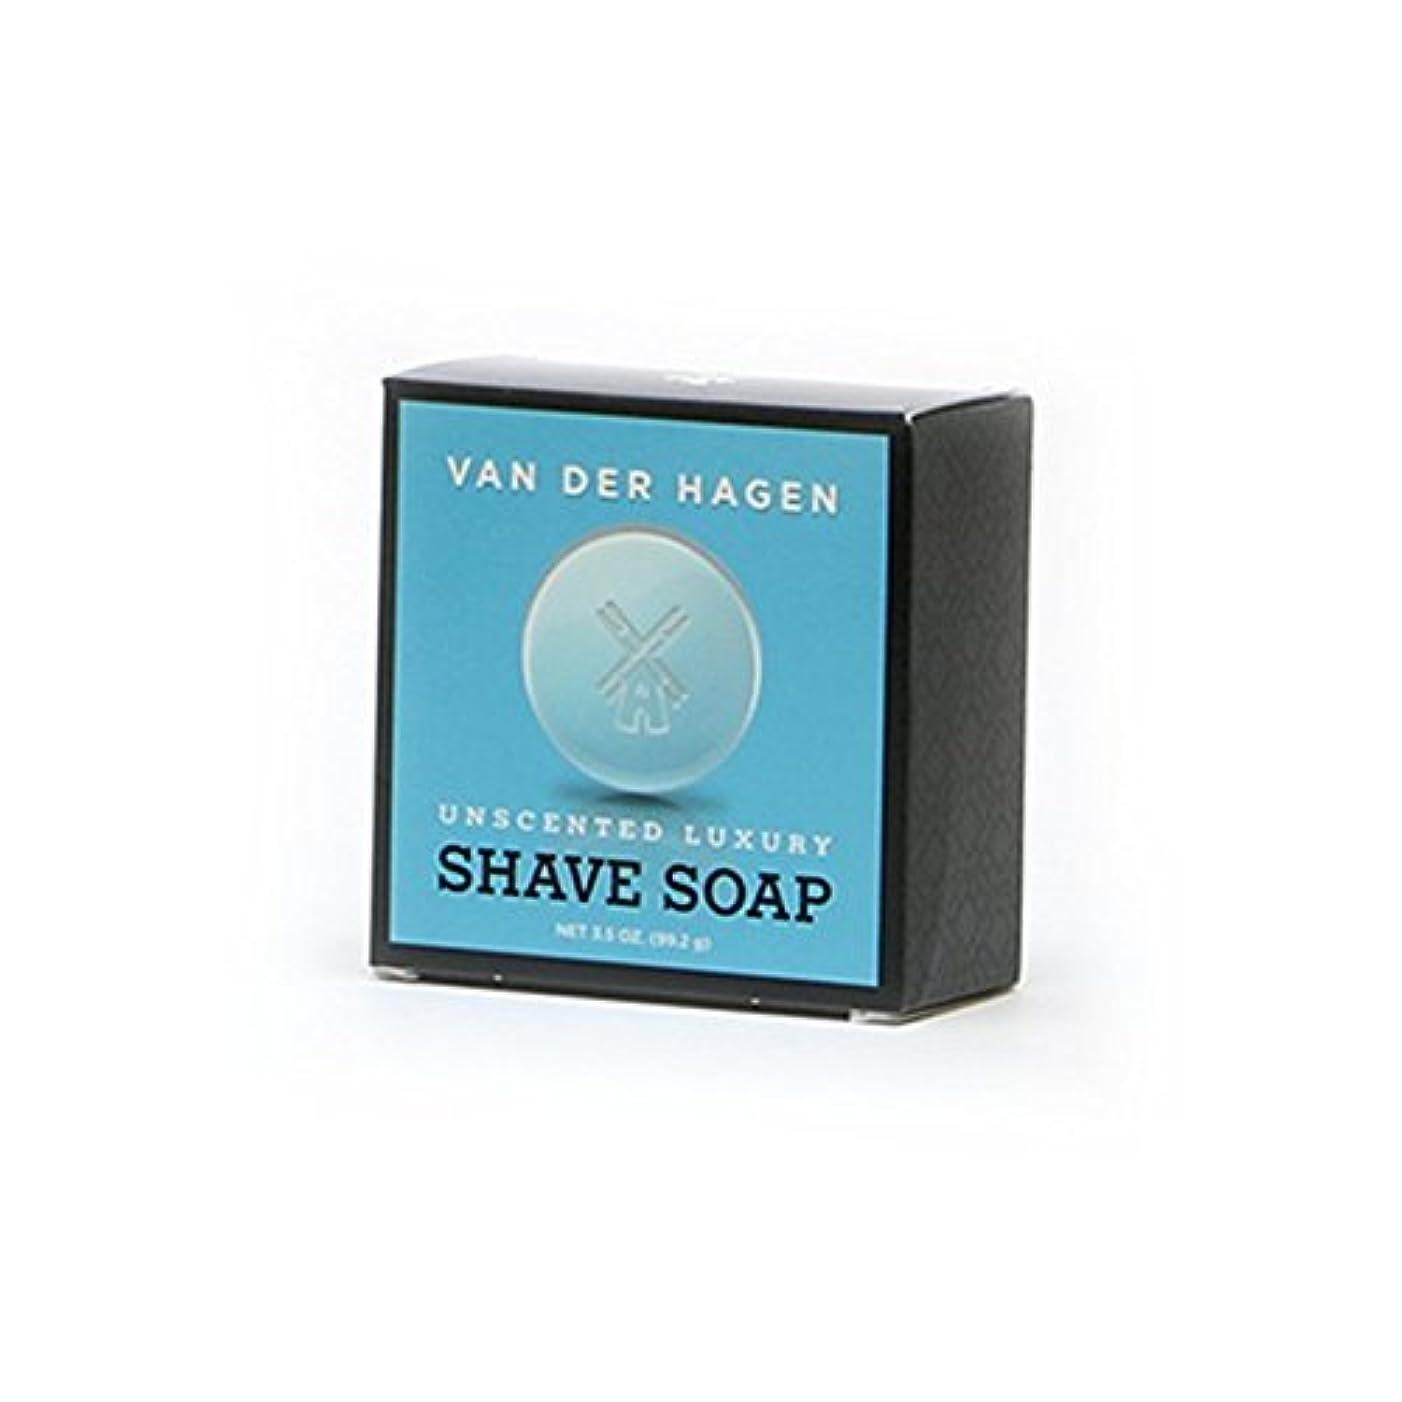 ボット才能のあるきちんとしたVANDERHAGEN(米) シェービングソープ 剃刀負けしにくい 無香料 髭剃り用石鹸